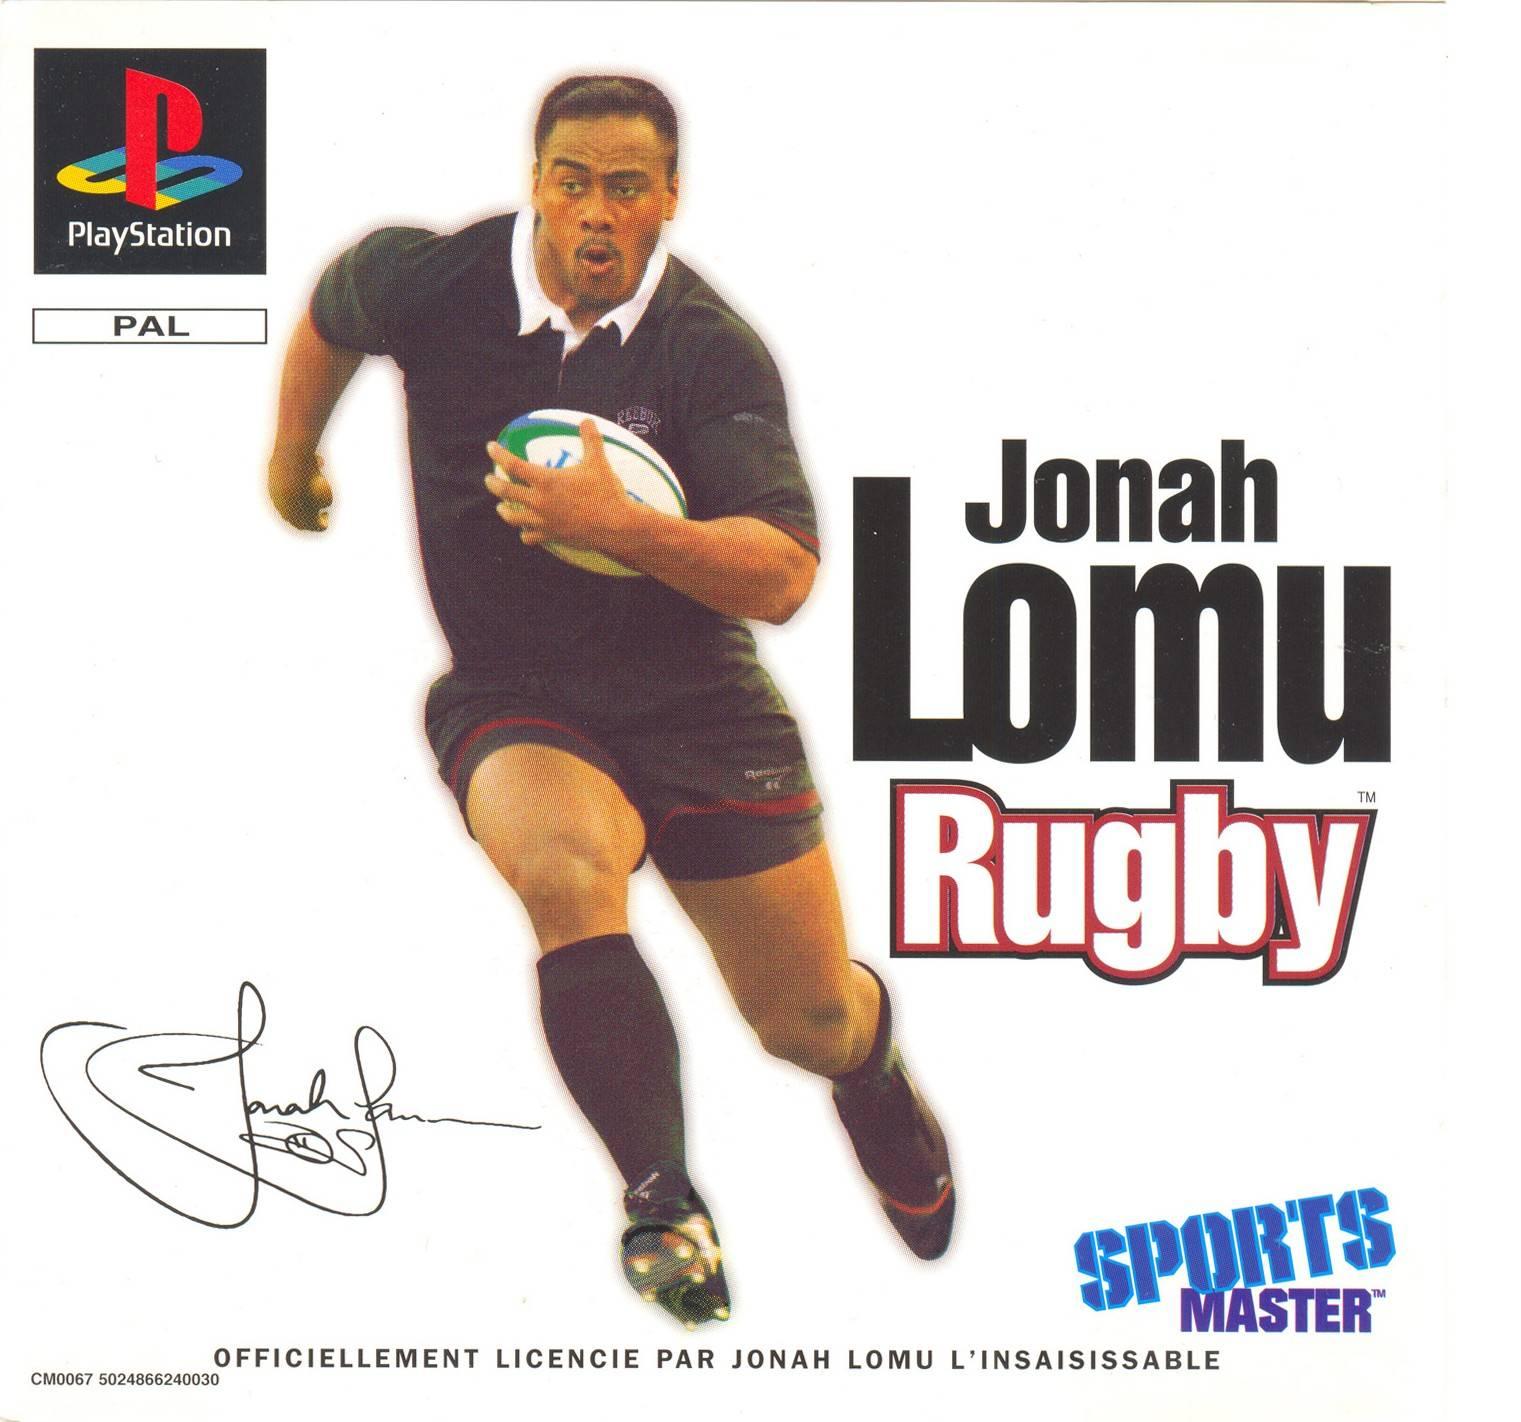 Jonah lomu ps1 (2)